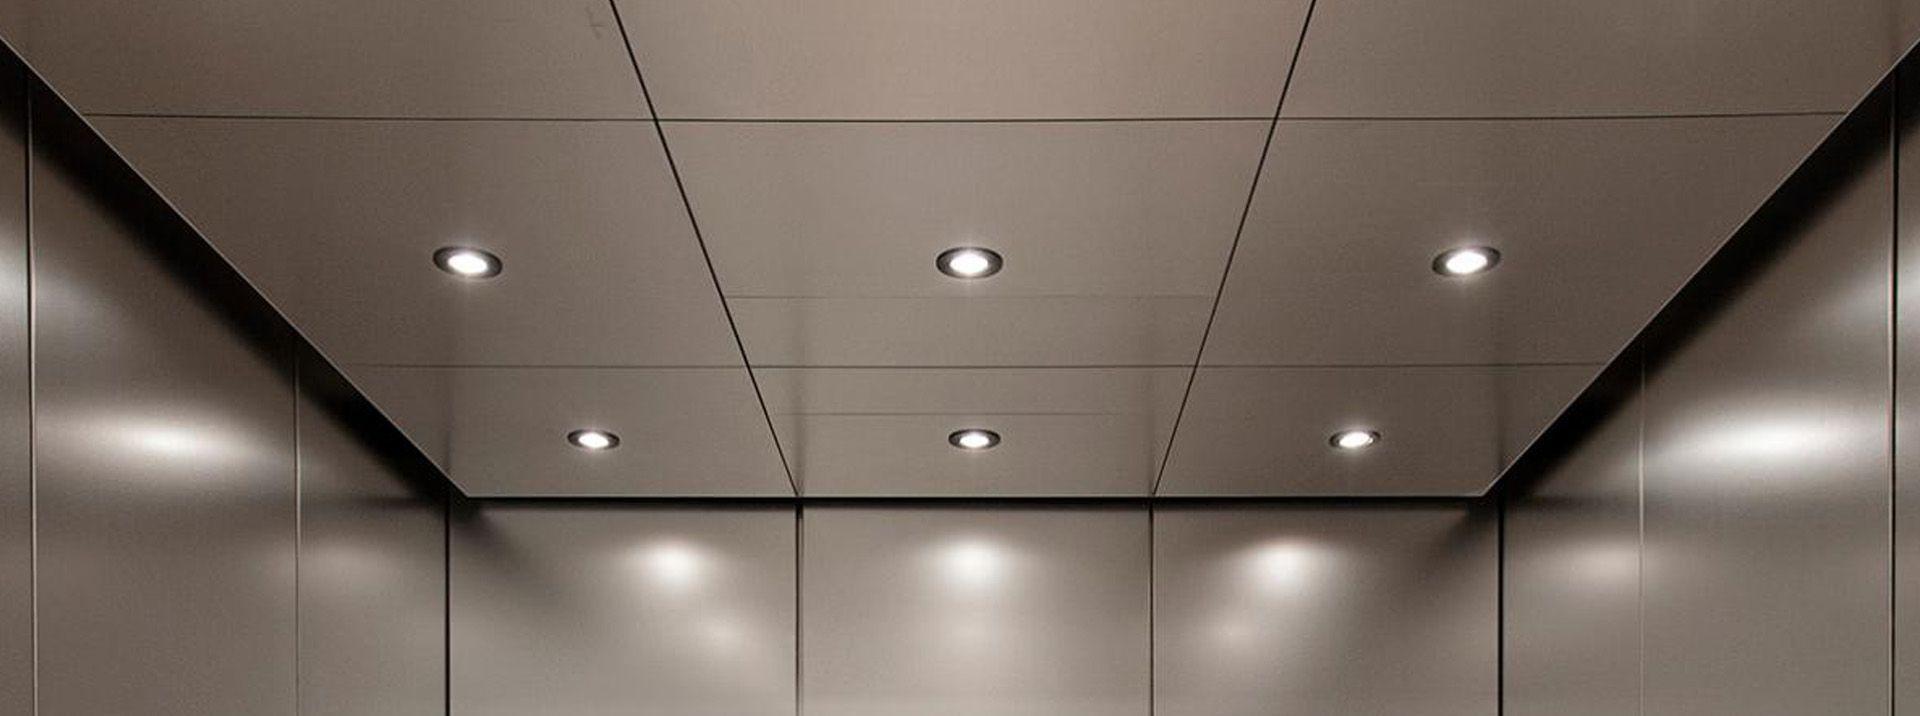 Tipos de impermeabilizaci n de techos goteras barcelona - Tipos de impermeabilizacion ...